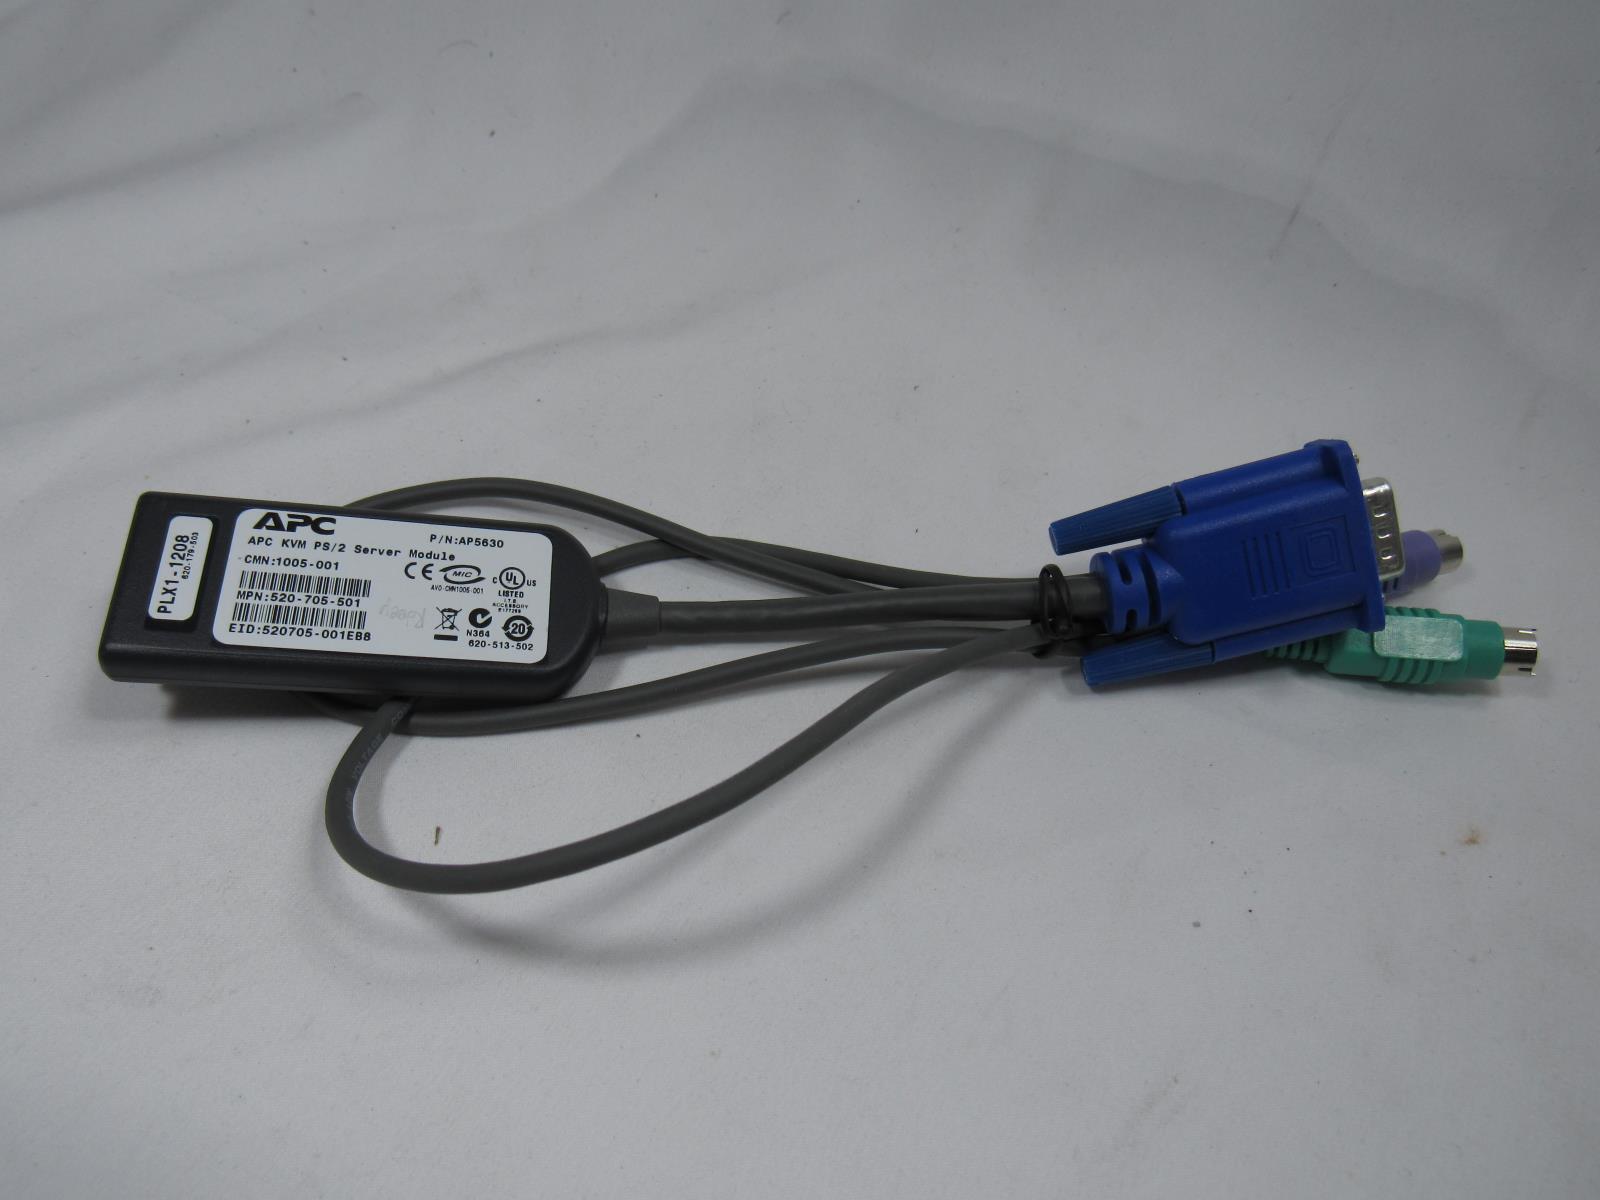 KV126A Black Box ServSelect Serve Select IP USB Server KVM Switch Module Cable